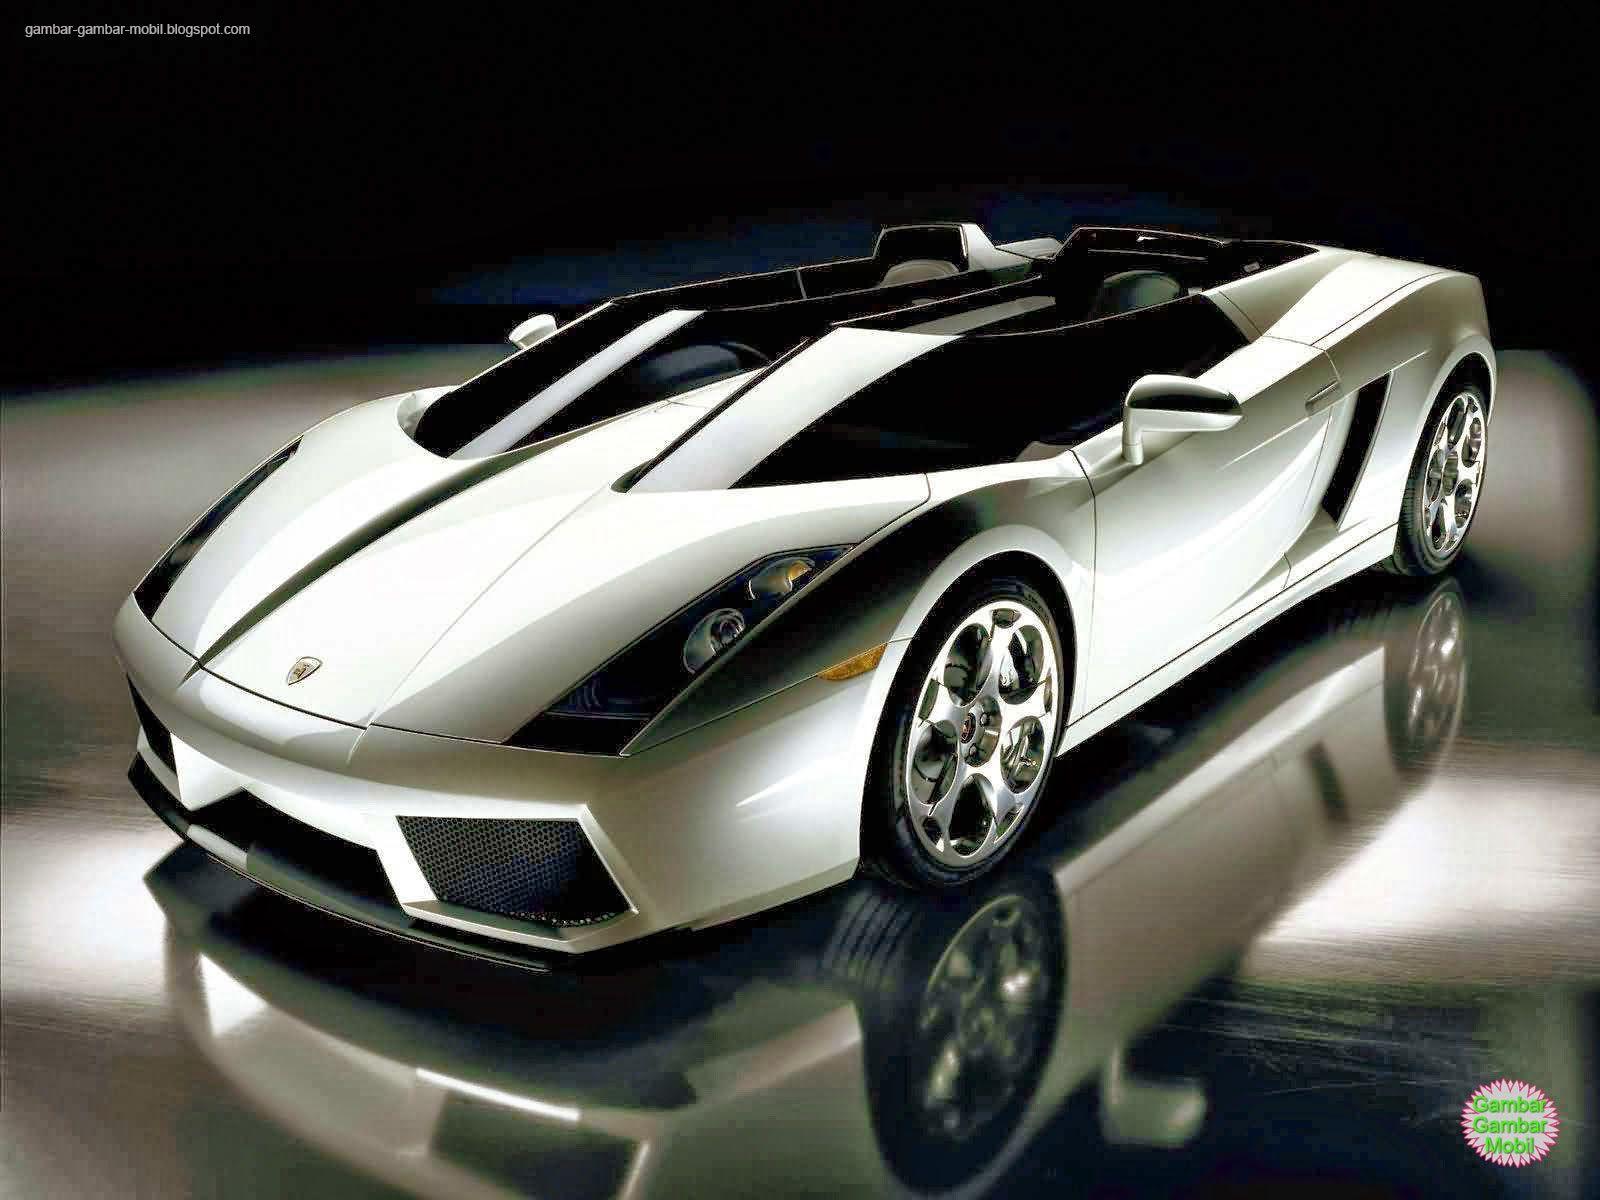 Gambar Mobil Gallardo Modifikasi Gambar Gambar Mobil Mobil Lamborghini Gambar